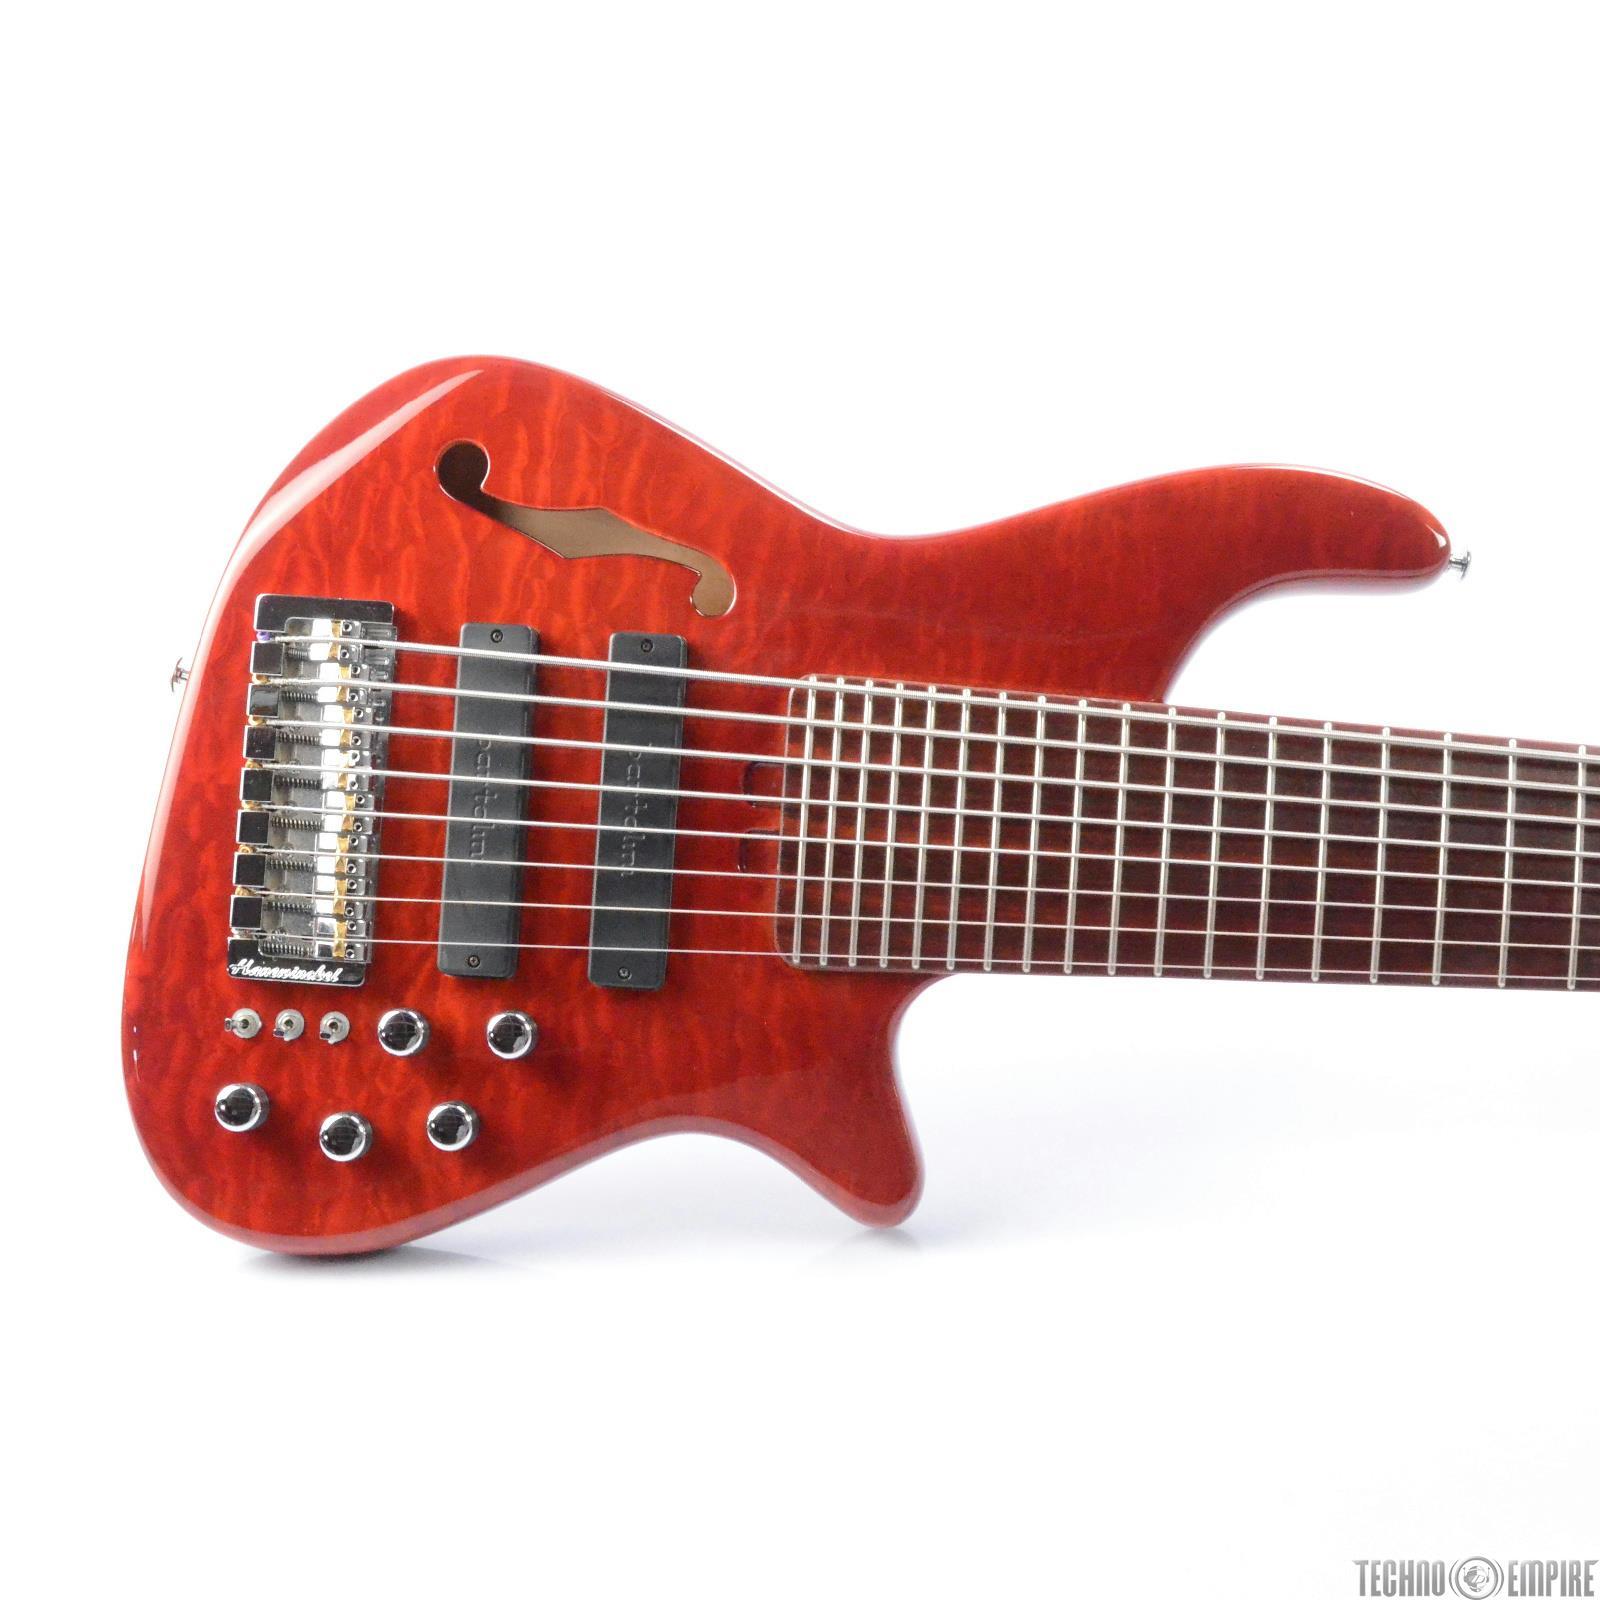 2004 Hanewinckel 8 String Bass Active Semi-Hollow Alder Body Piezo Bridge #28529